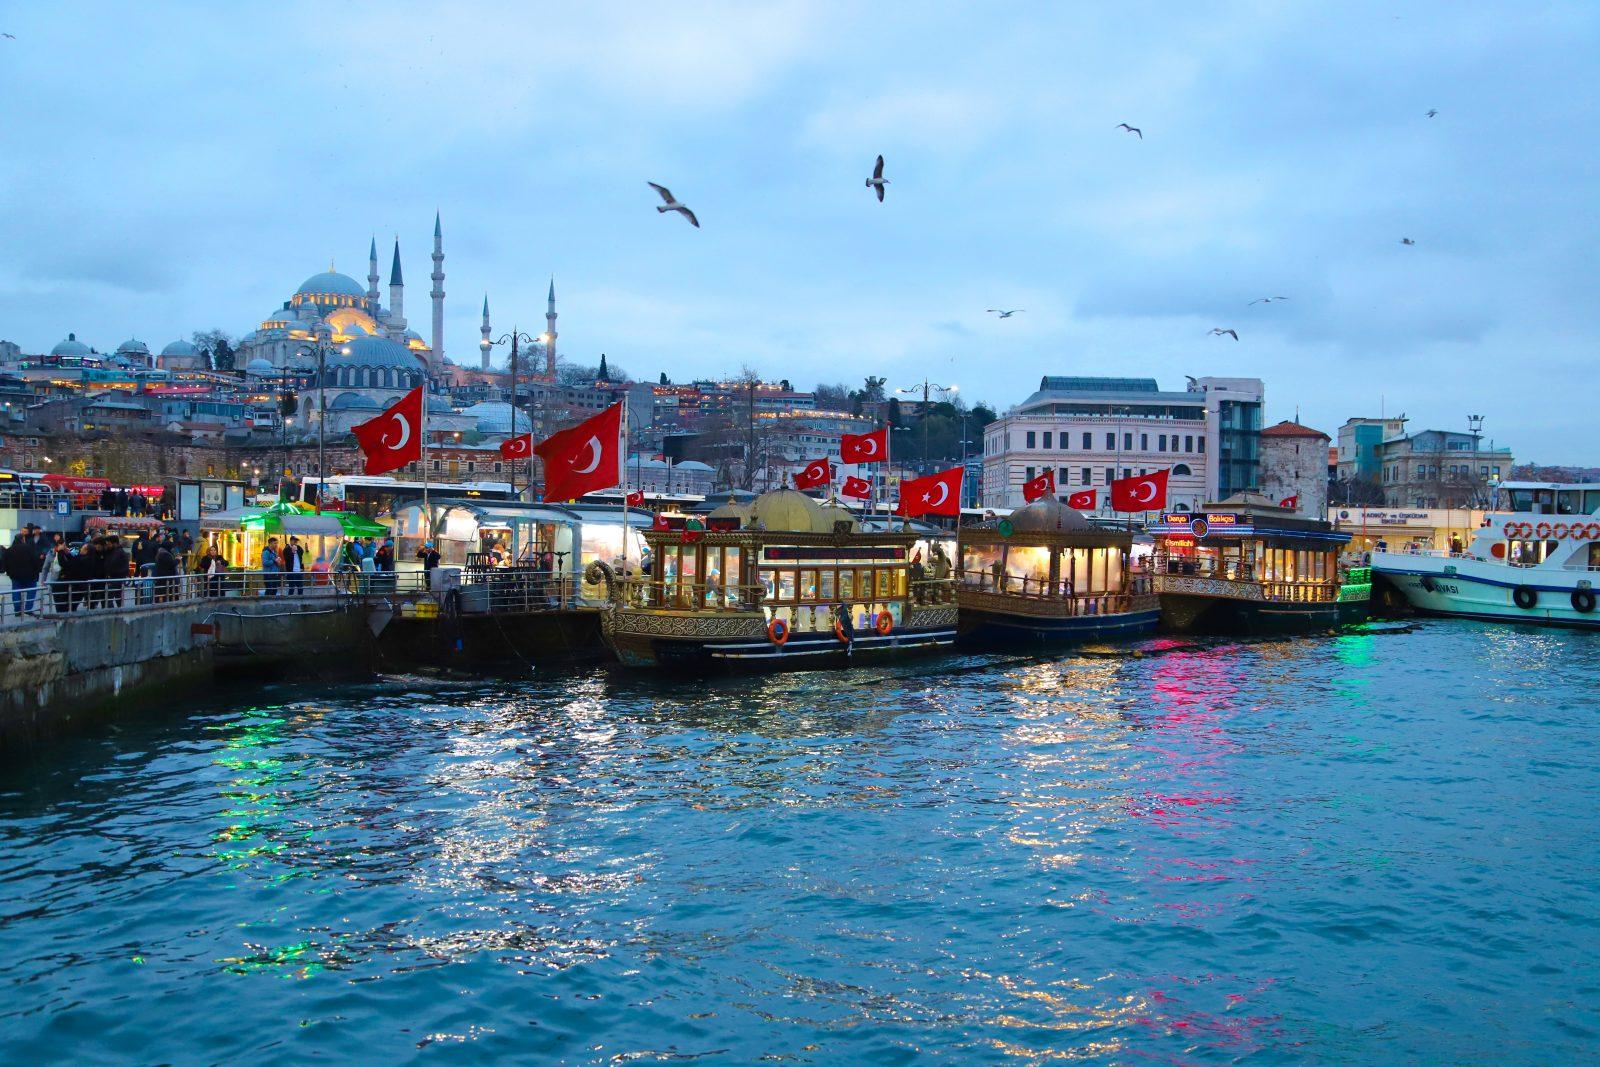 Istanbul, Evropski gradovi, Turska, Bosfor